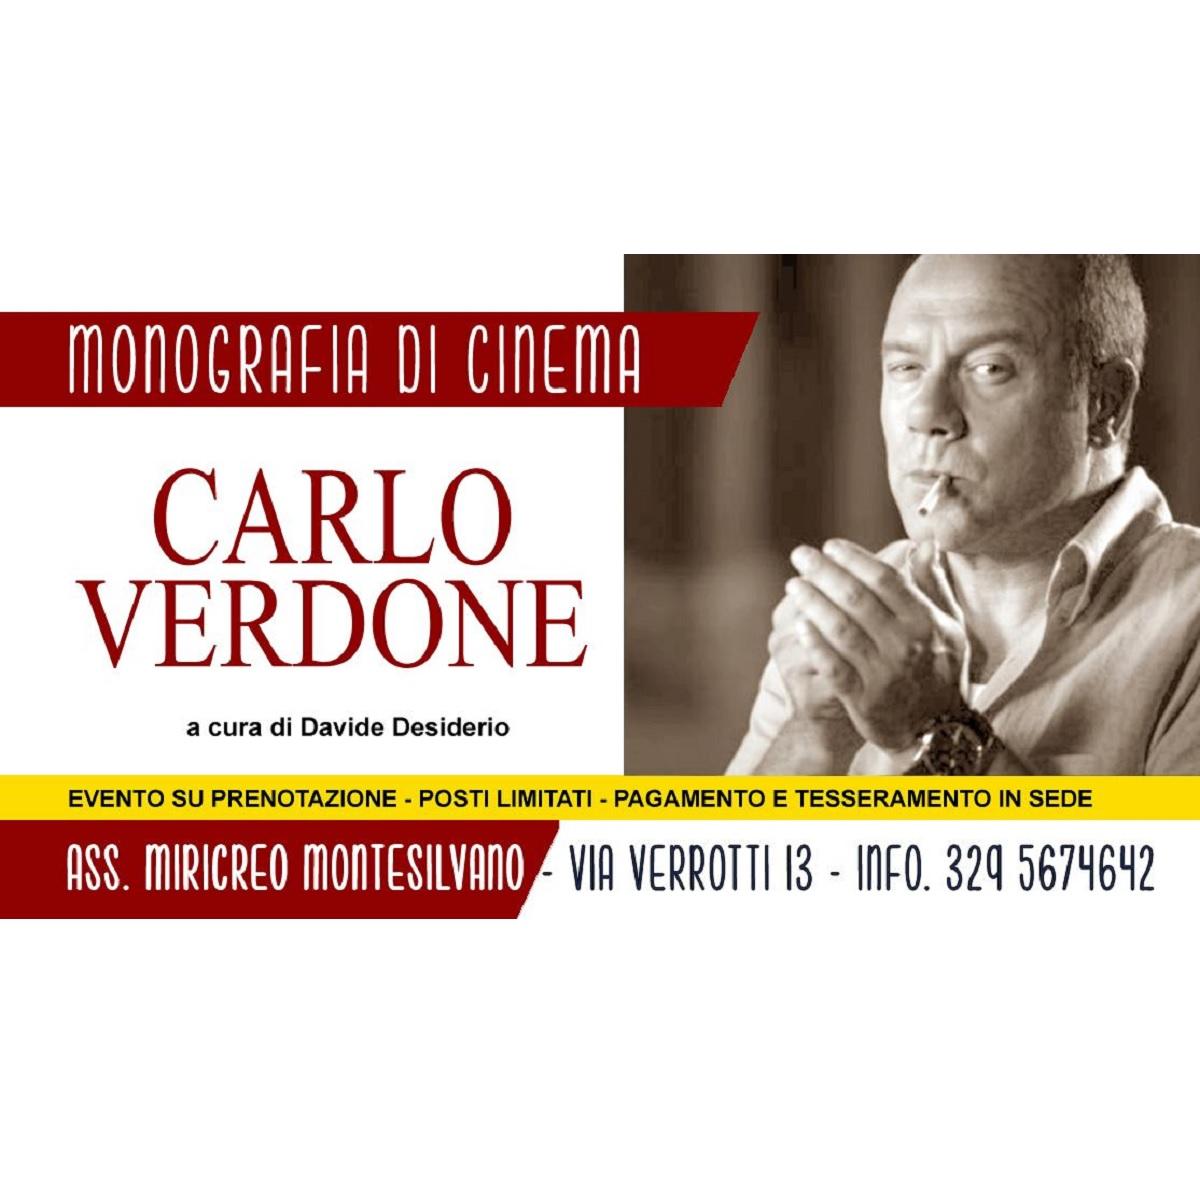 Monografia di cinema Carlo Verdone 12 giugno 2021 foto